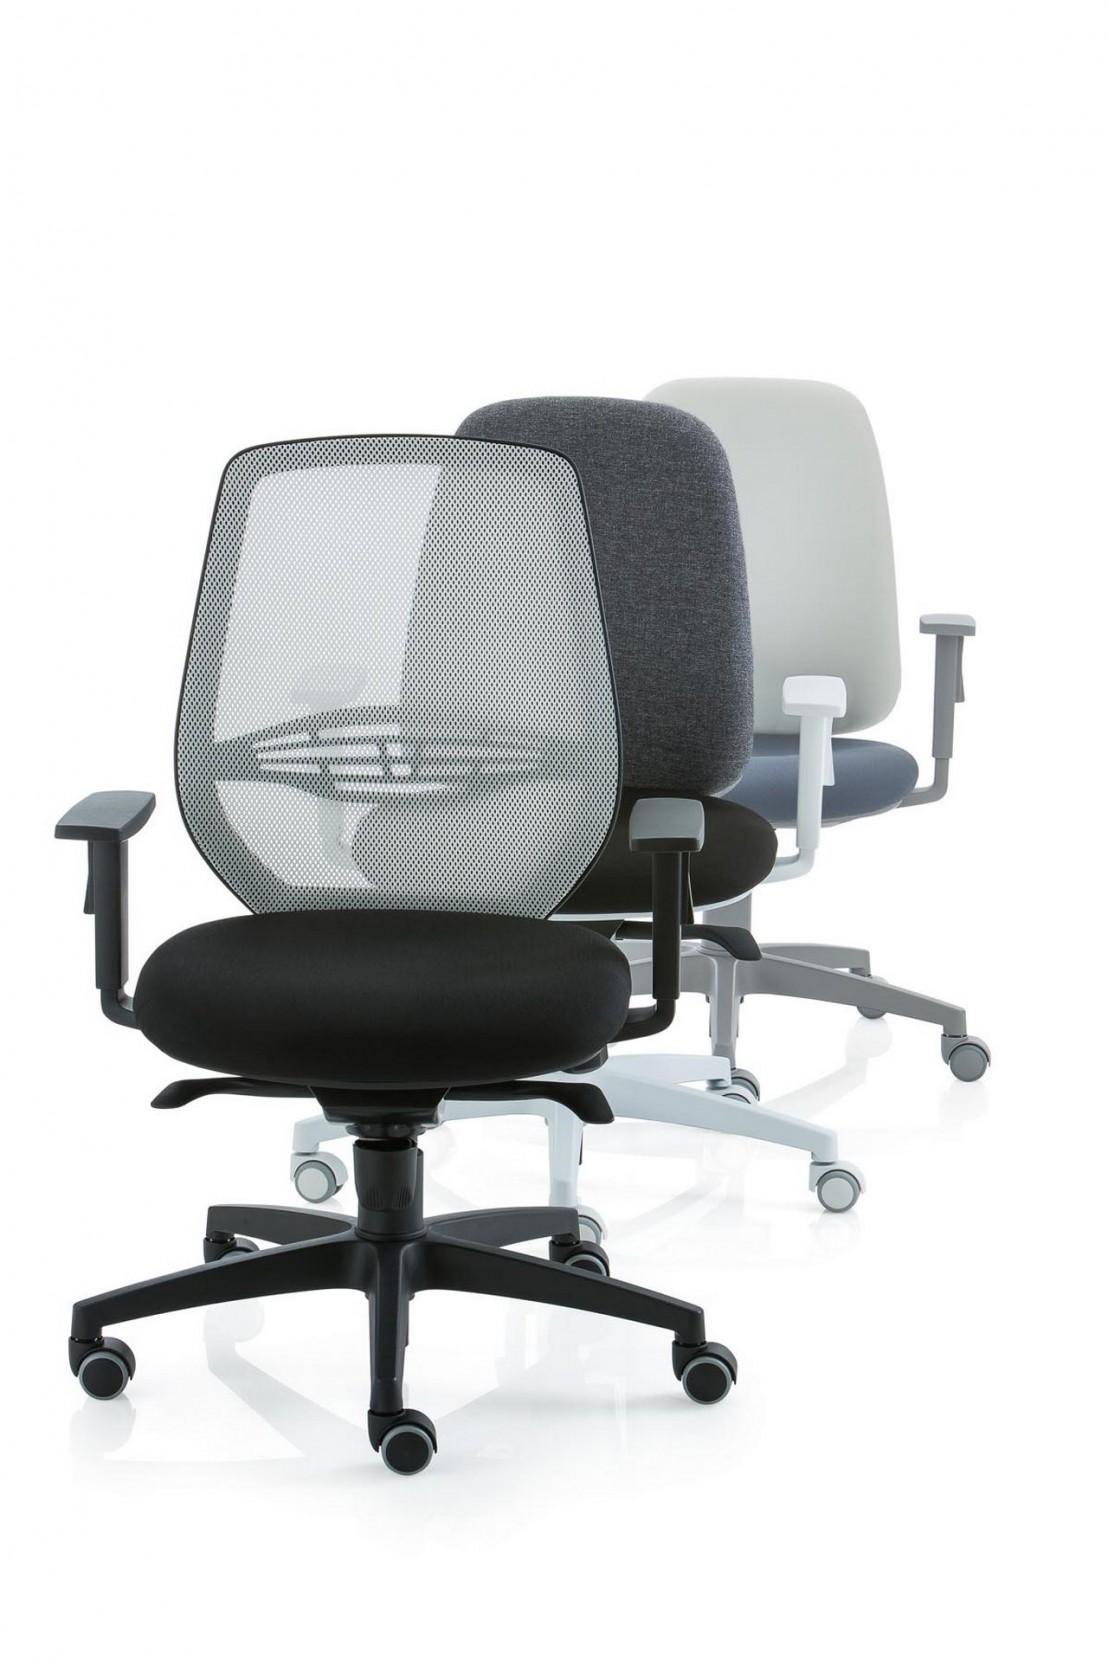 fauteuil de bureau post 30 basic pas cher dossier haut en r sille. Black Bedroom Furniture Sets. Home Design Ideas